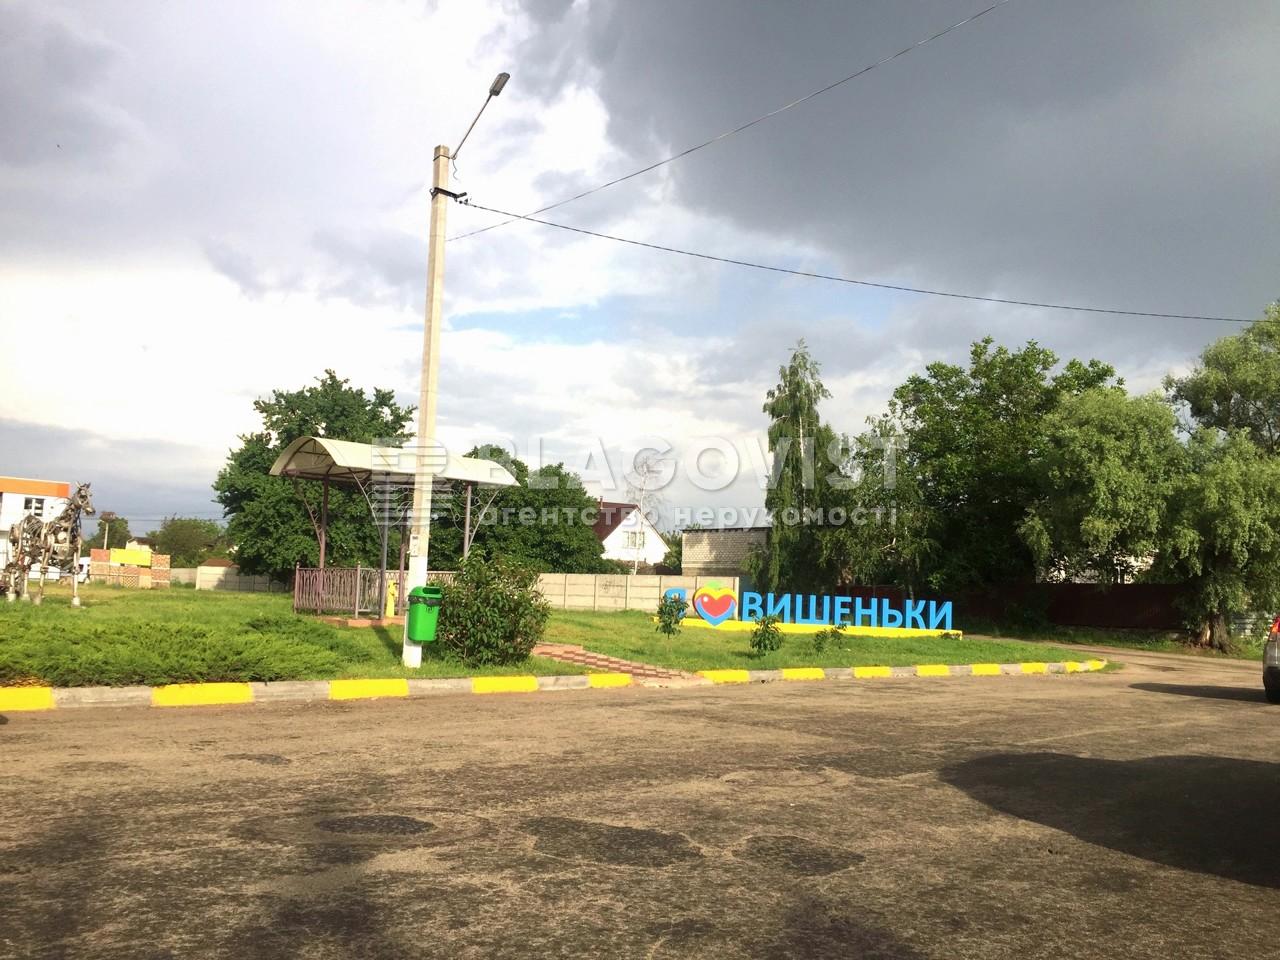 Земельный участок P-29758, Приозерная, Вишенки - Фото 3